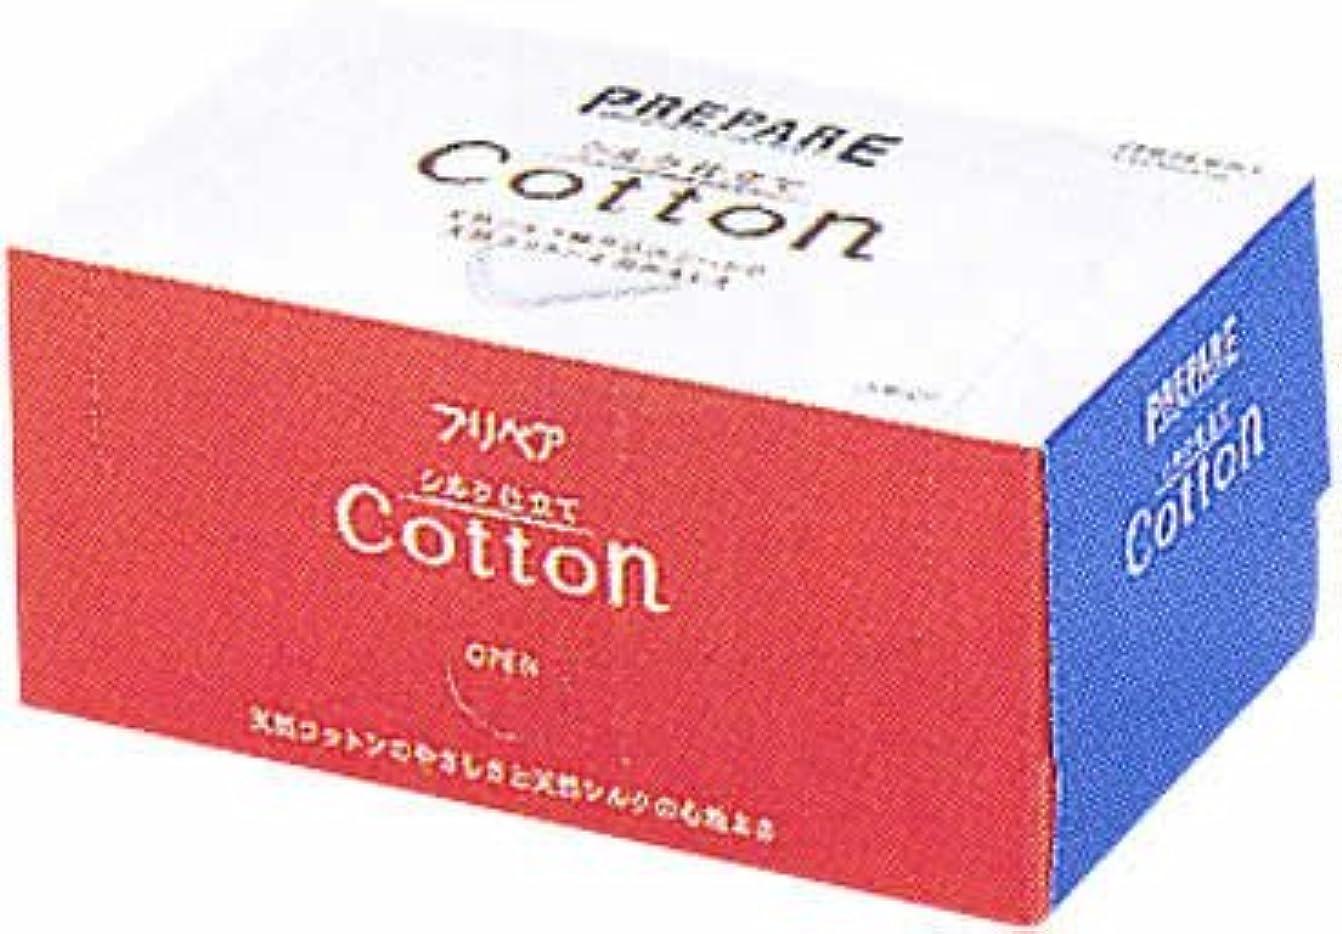 ソケット合理化柔らかさプリペア シルク仕立てコットン